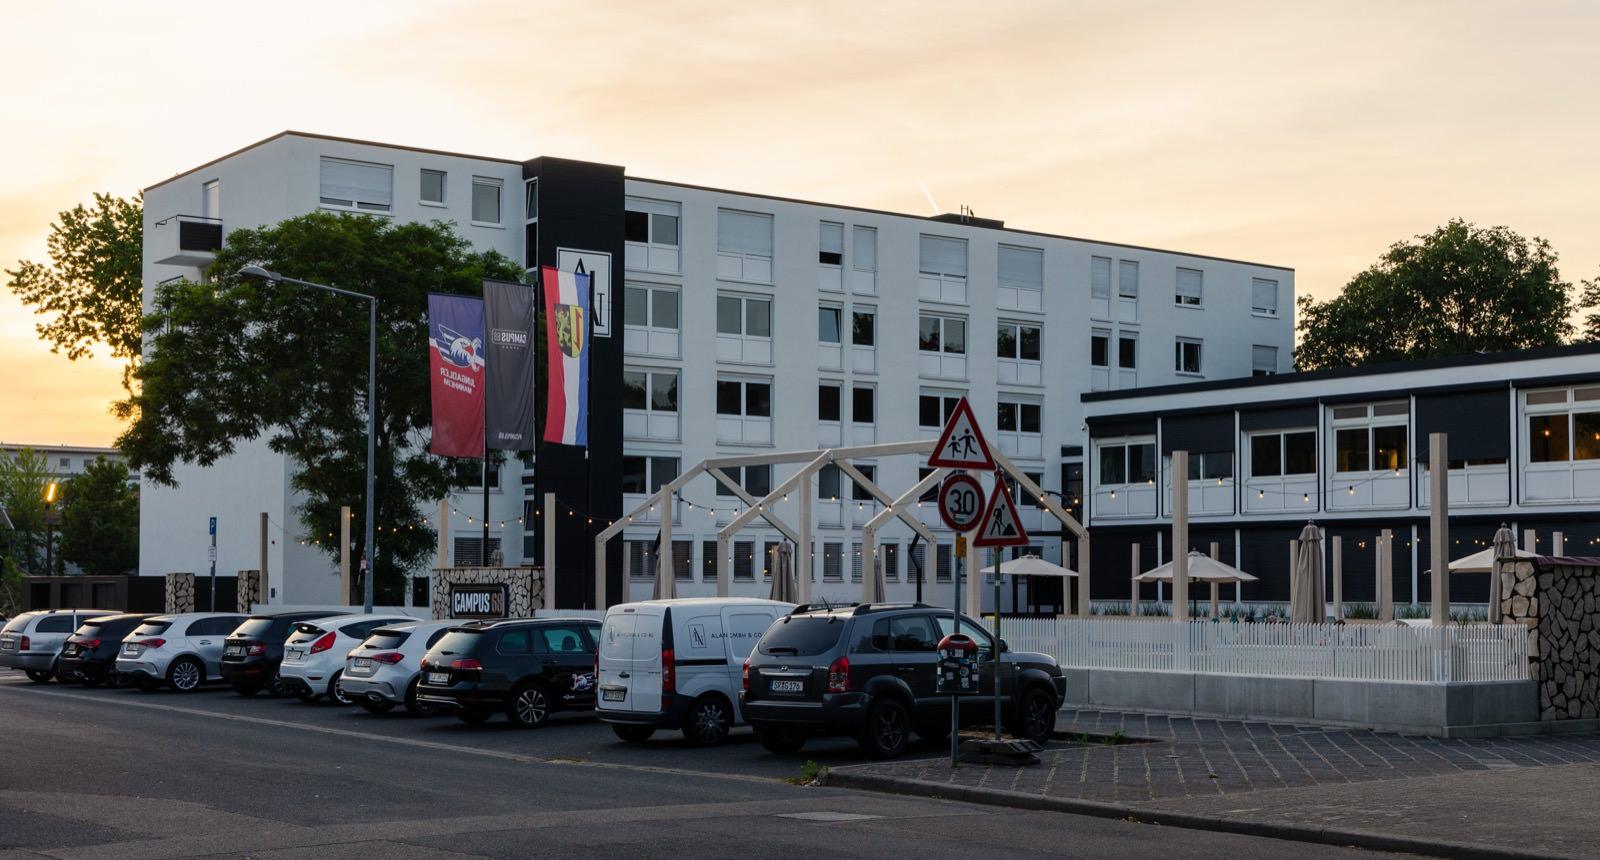 Schöner Wohnen ab 780 Euro für ein Zimmer – Campus68 am Neuen Messplatz   Foto: CKI